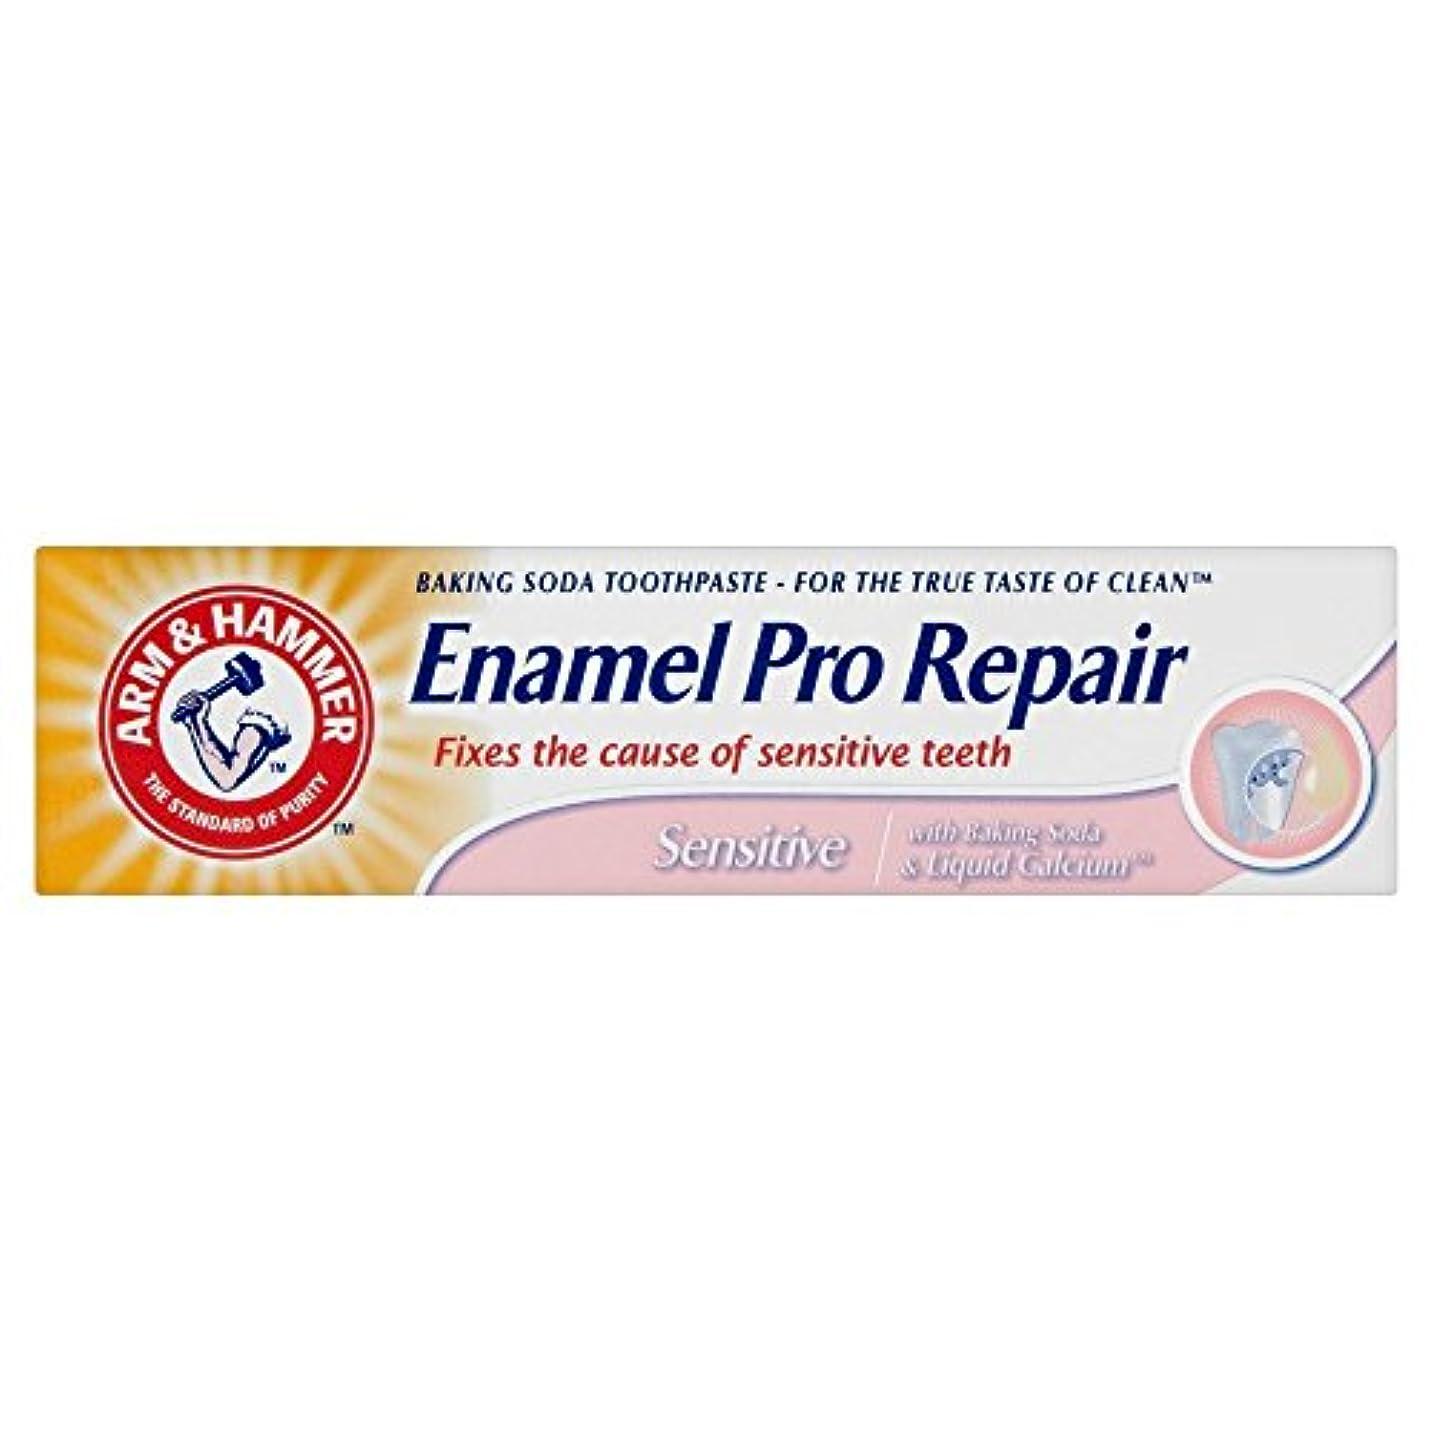 差評価可能是正するArm & Hammer Enamel Care Sensitive Toothpaste Tube (75ml) アームとハンマーエナメルケア敏感歯磨き粉のチューブ( 75ミリリットル) [並行輸入品]